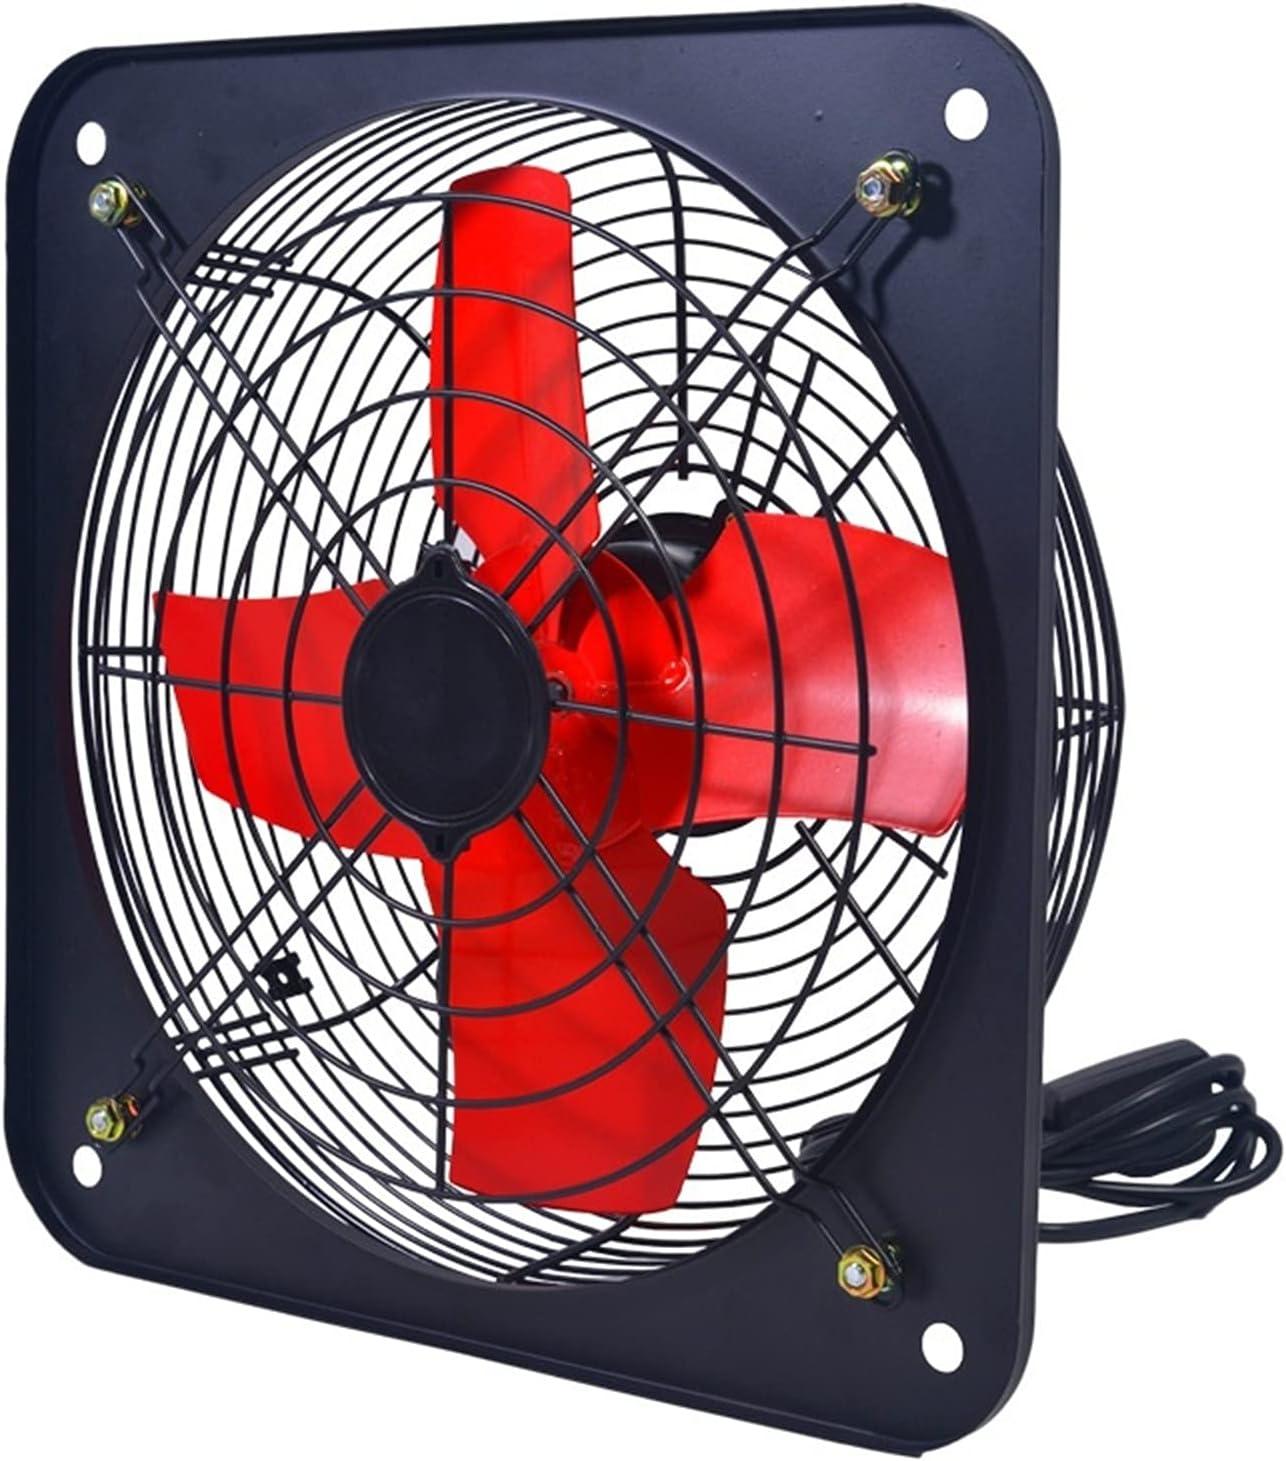 Potente potente extractor de ventilación industrial extractor de metal axial Aficionado axial con cubierta neta de doble cara Ventilador de ventilador de aire comercial para dormitorio de cocina